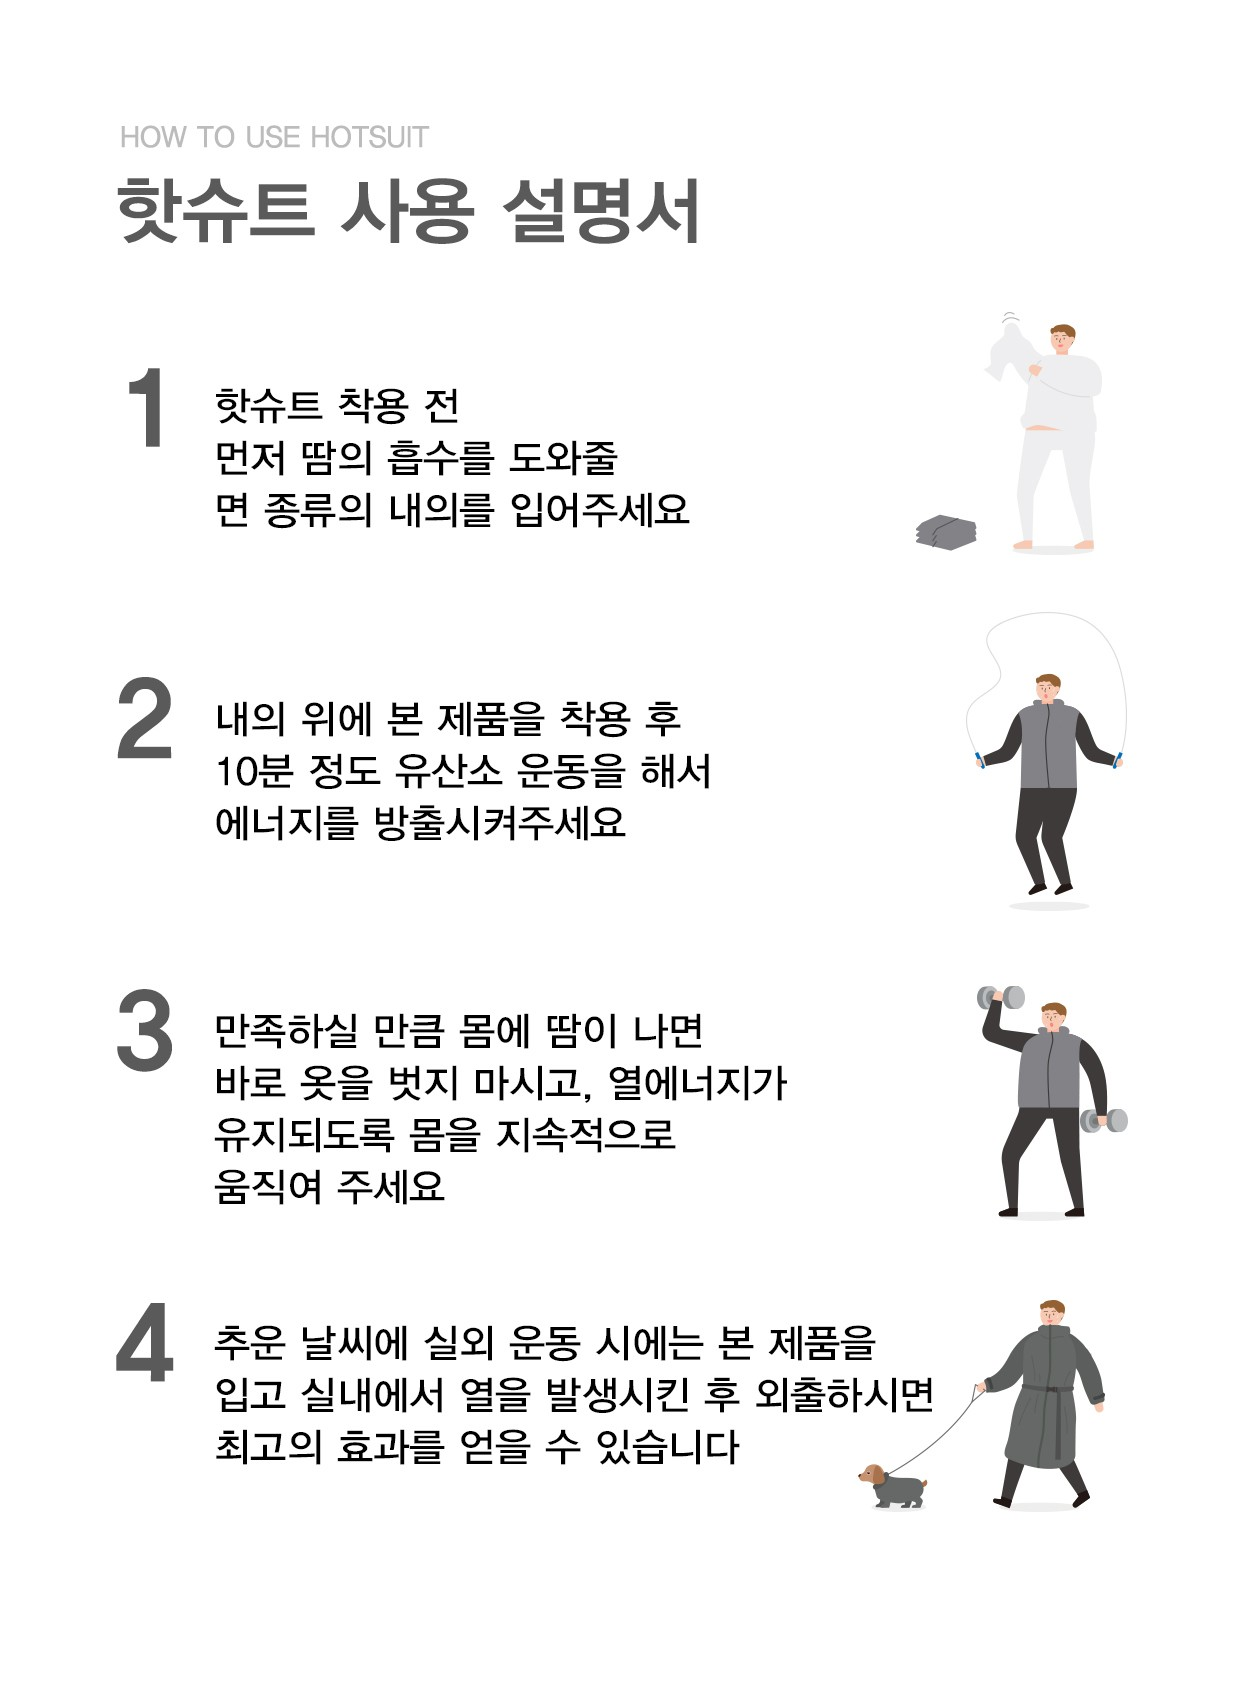 1.핫슈트 착용전 먼저 땀의 흡수를 도와줄 면 종류의 내의를 입어주세요 2.내의 위에 본제품을 착용 후 10분정도 유산소 운동을 해서 에너지를 방출시켜주세요 3.만족하실 만큼 몸에 땀이나면 바로 옷을 벗지 마시고, 열에너지가 유지되도록 몸을 지속적으로 움직여 주세요 4.추운 날씨에 실외 운동시에는 본제품을 입고 실내에서 열을 발생시킨 후 외출하시면 최고의 효과를 얻을 수 있습니다.